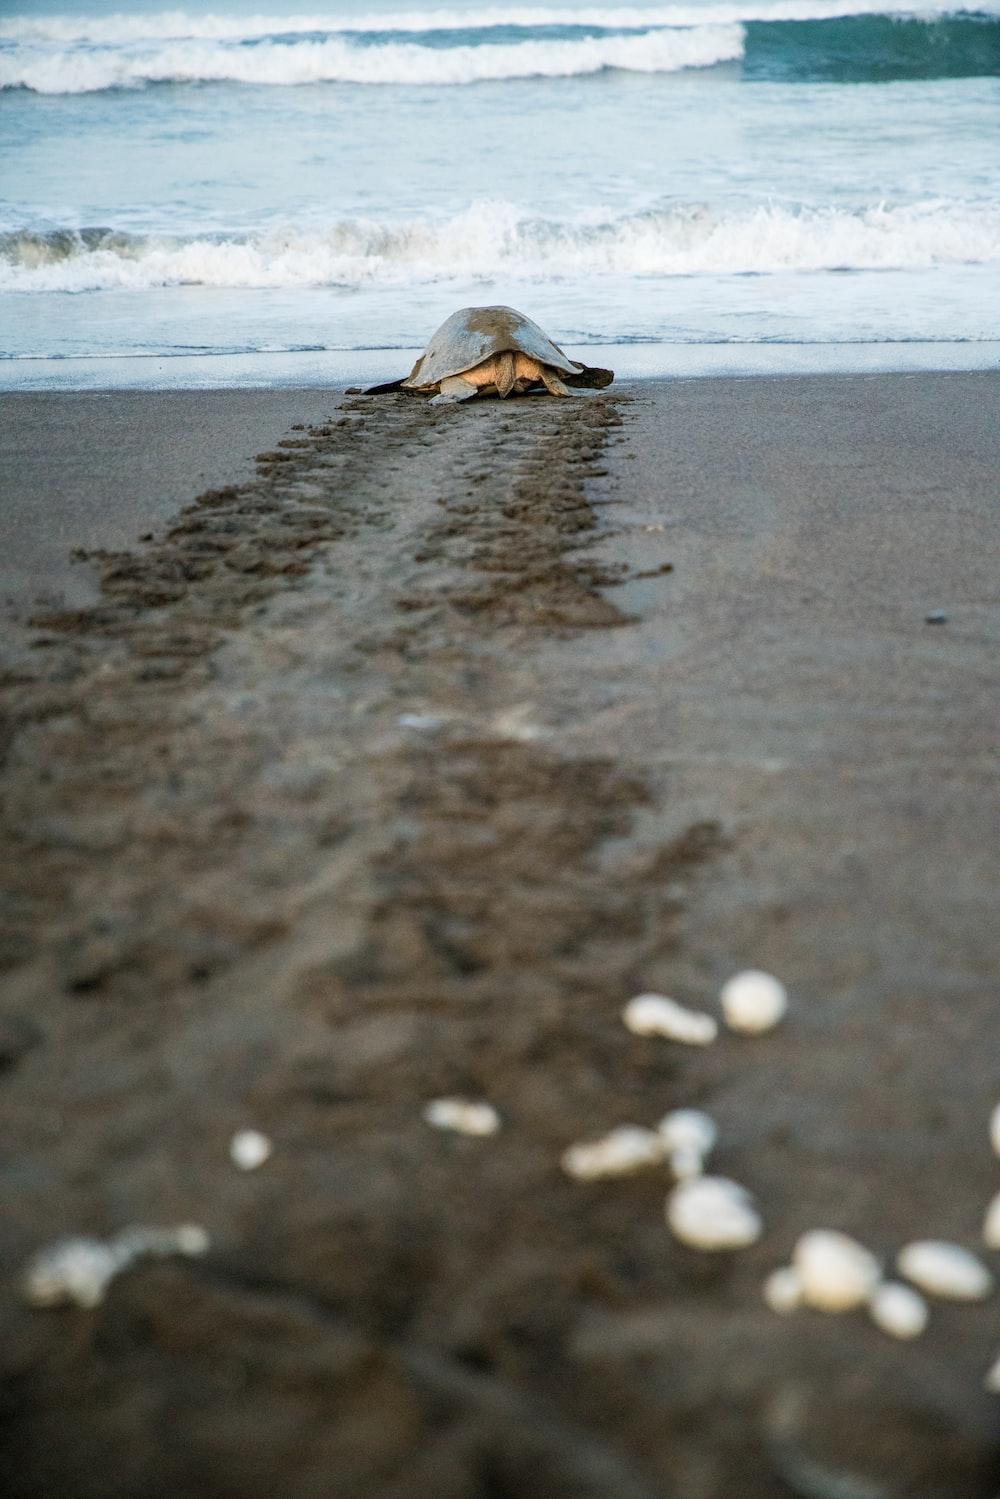 turtle on beach line